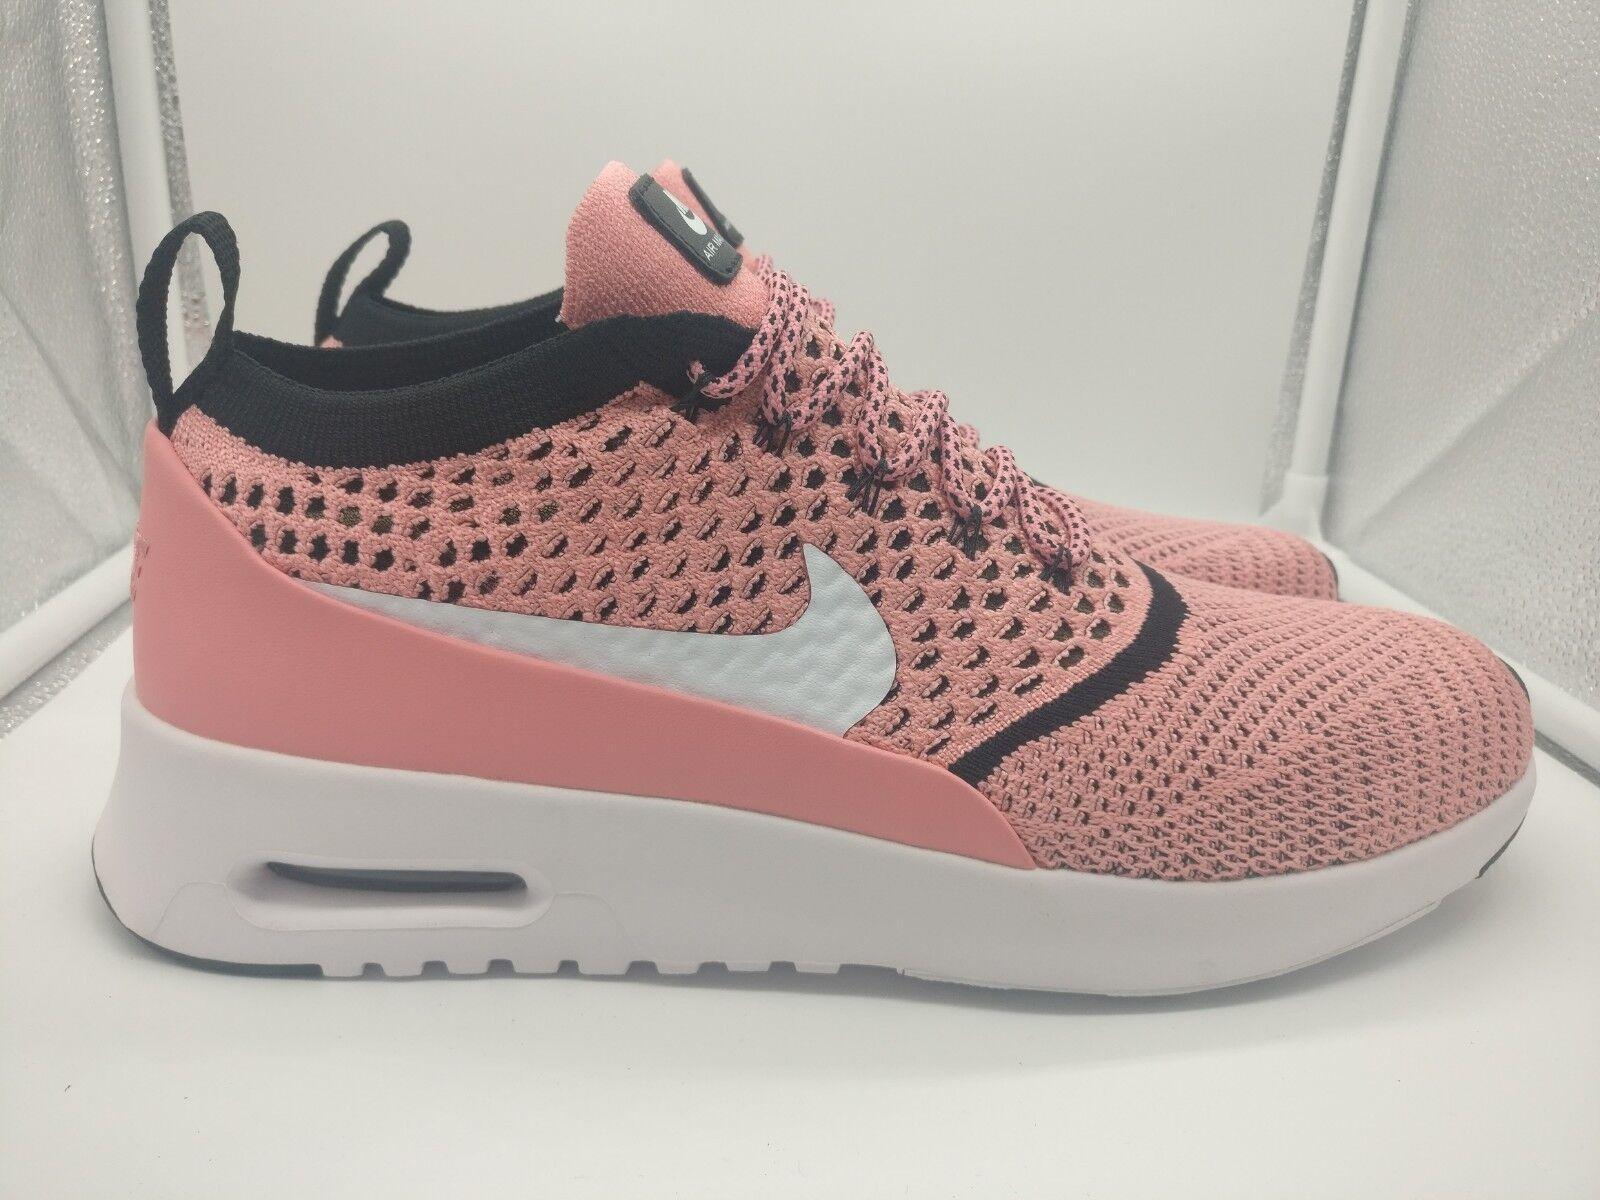 Nike femmes Air Max Melon Thea Ultra Flyknit9 Bright Melon Max blanc Noir 881175-800 32533e